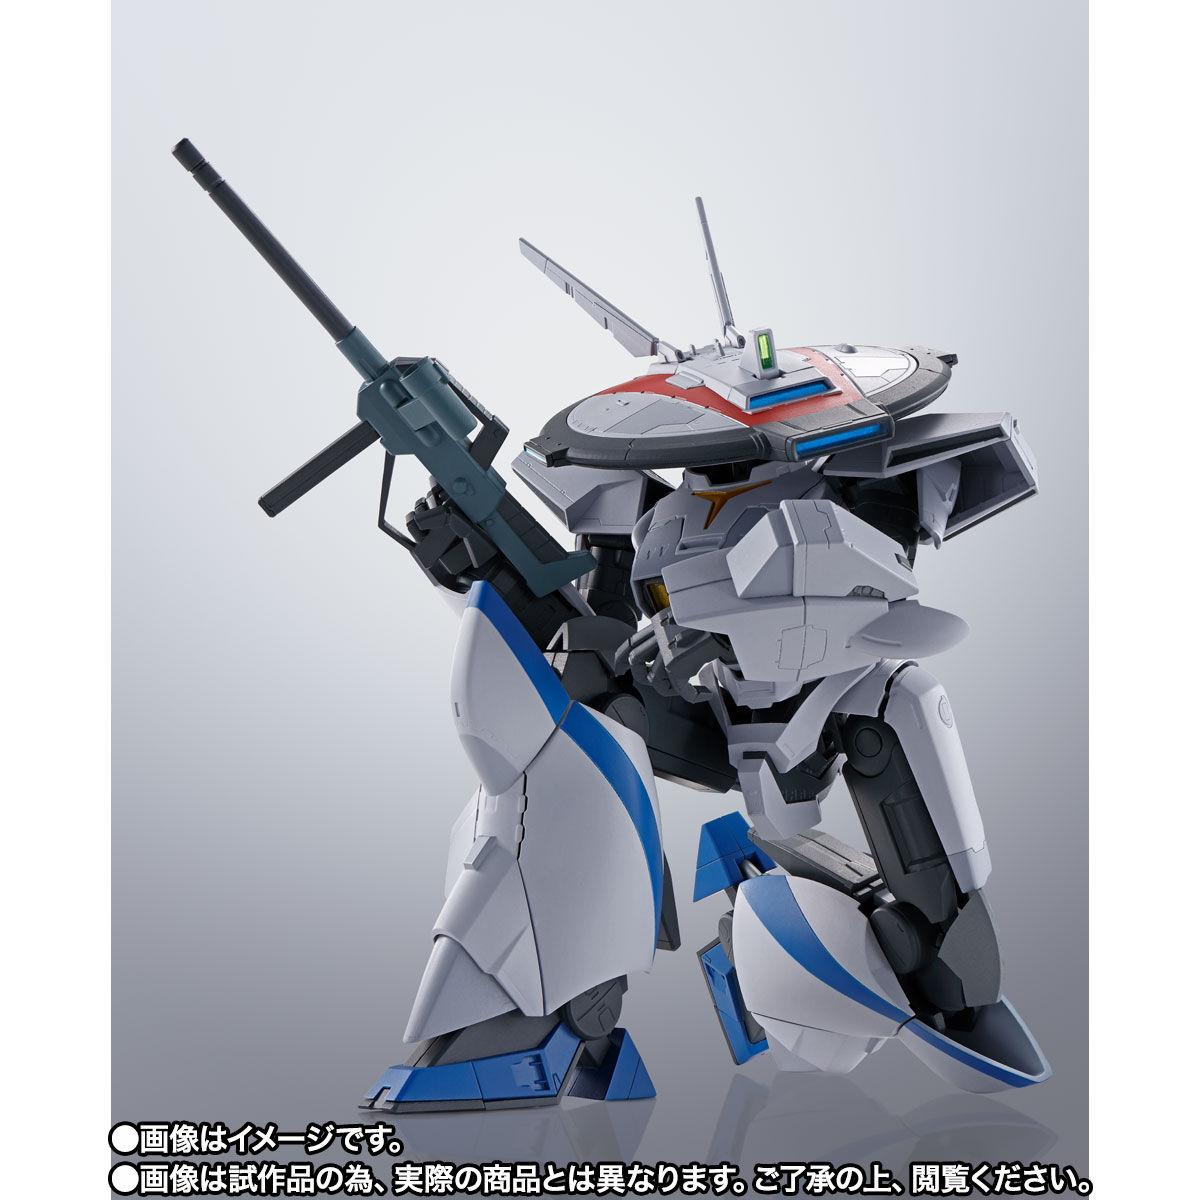 【限定販売】HI-METAL R『ドラグナー3』機甲戦記ドラグナー 可動フィギュア-004